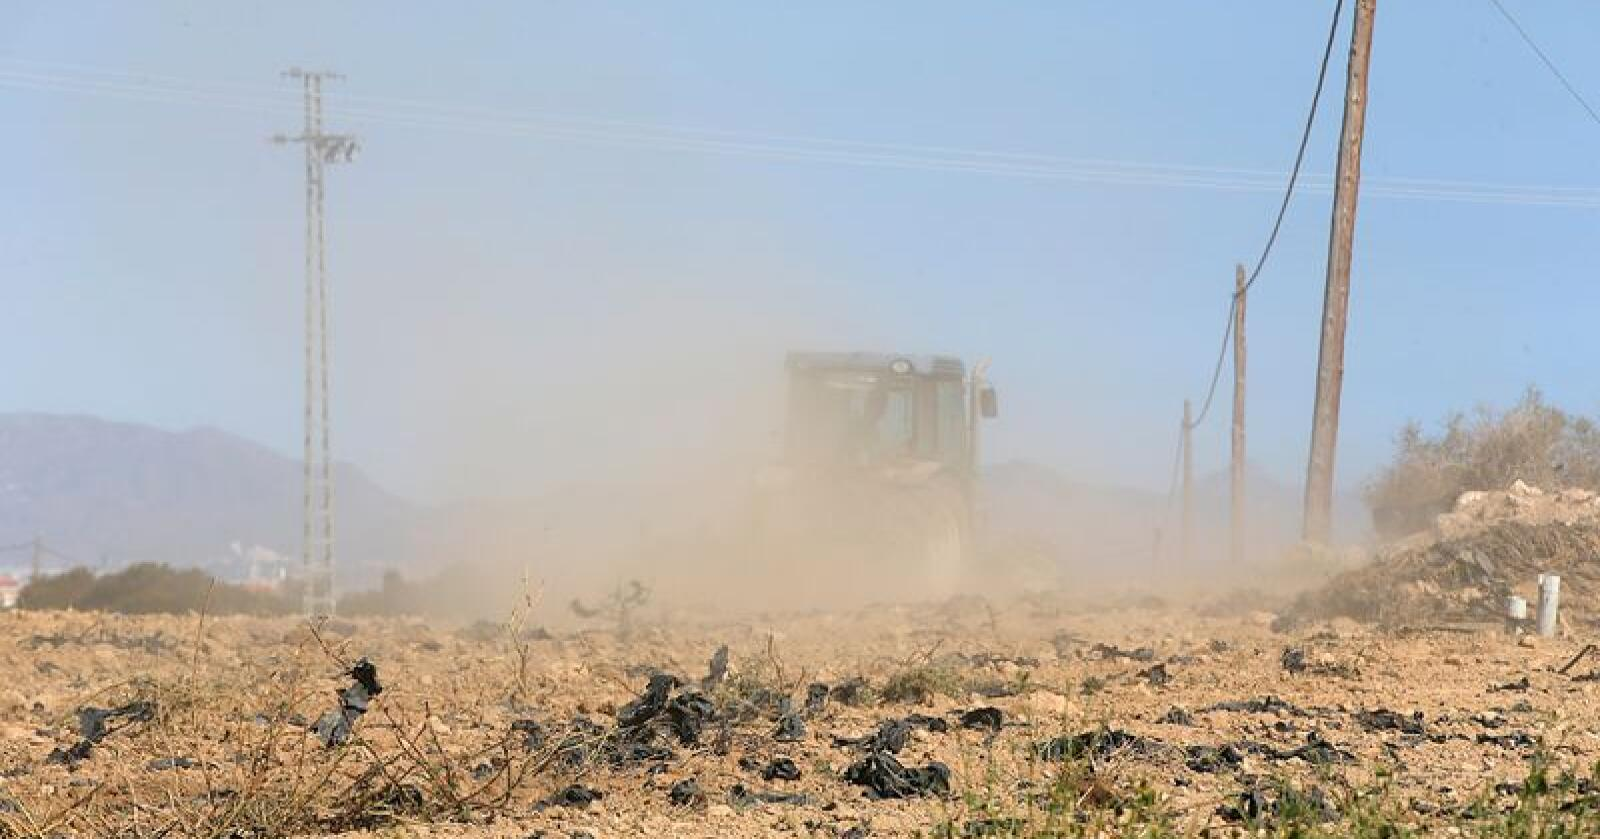 Tørke skaper vanskeligheter for landbruket som igjen bidrar til nedgang i verdensøkonomien, sier OECD. Her fra Murcia-regionen i Spania der en traktor virvler opp støv fra en uttørket åker. Foto: Vidar Ruud / NTB scanpix